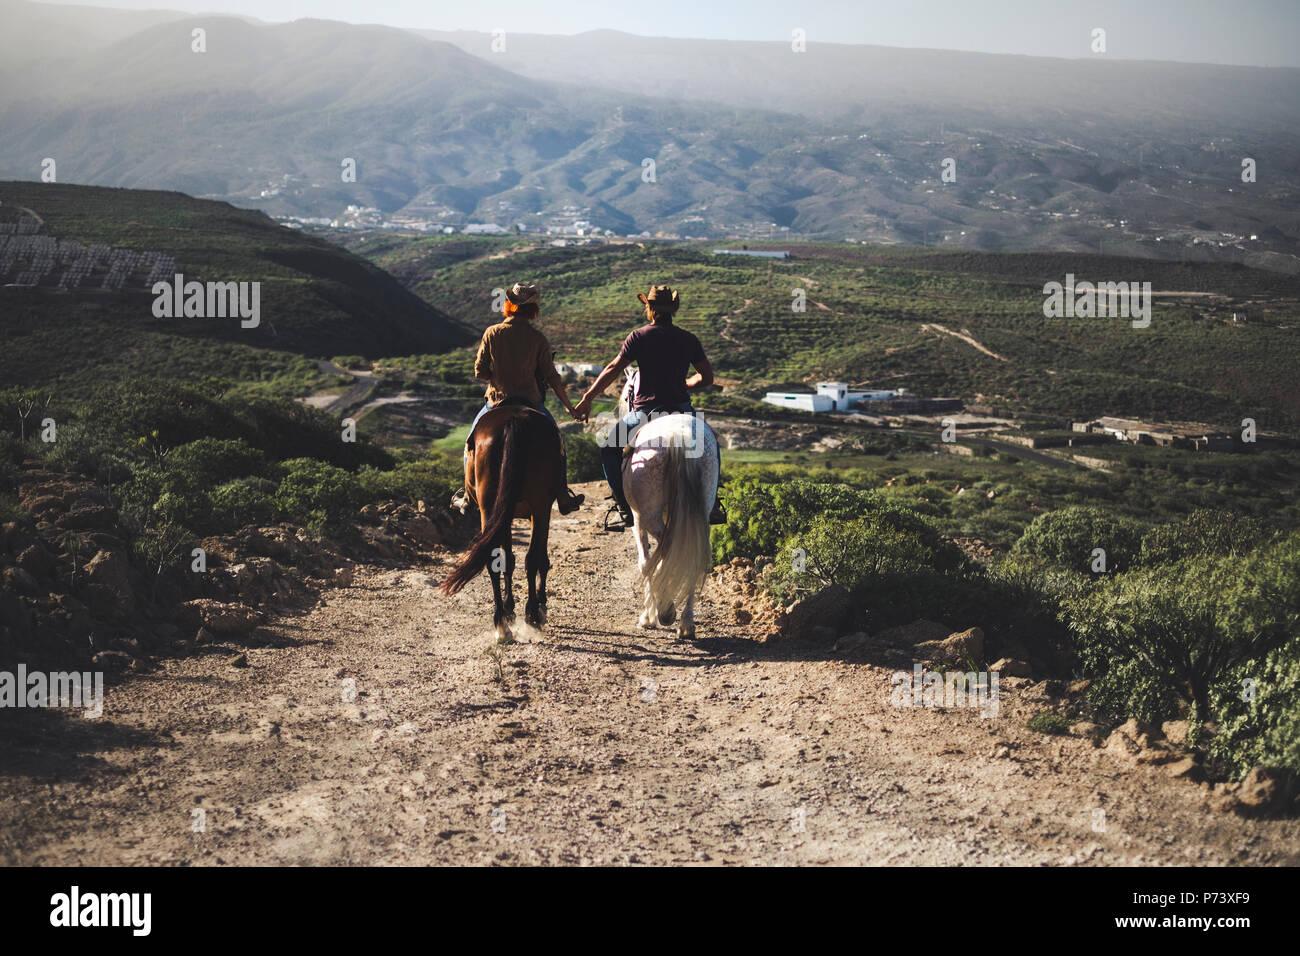 Verliebtes Paar, zwei schöne Pferde zusammen in einem Abenteuer für alternative Lifestyle und Urlaub. Zweisamkeit Paare reisen c Stockbild